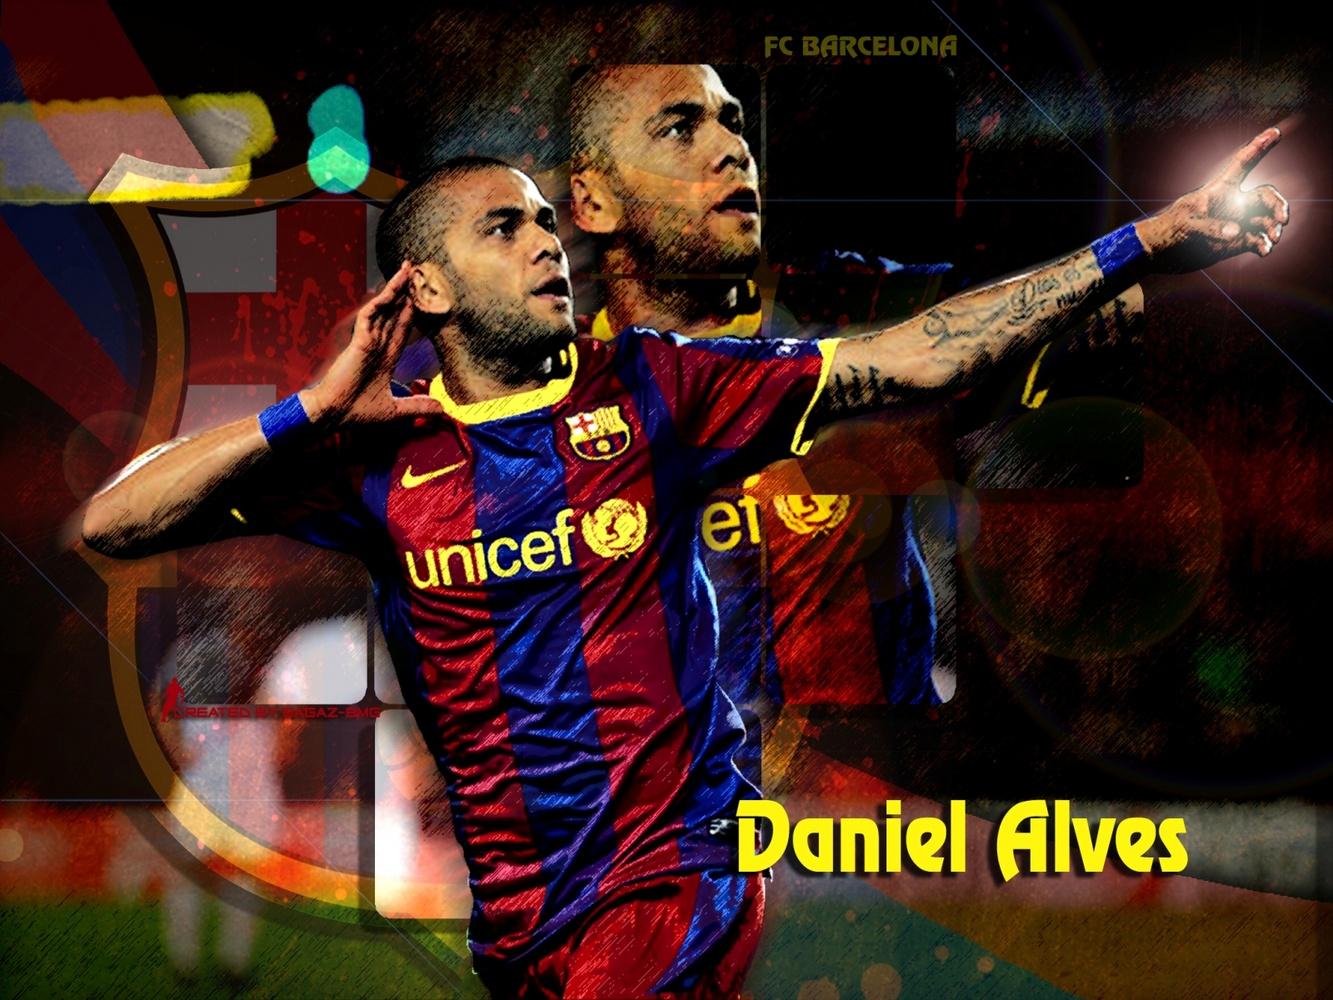 http://3.bp.blogspot.com/-akVIUutmR_A/T5U3H-hmp6I/AAAAAAAACTo/07z4DgcMAS0/s1600/Dani-Alves-2012+Wallpapers+01.jpg